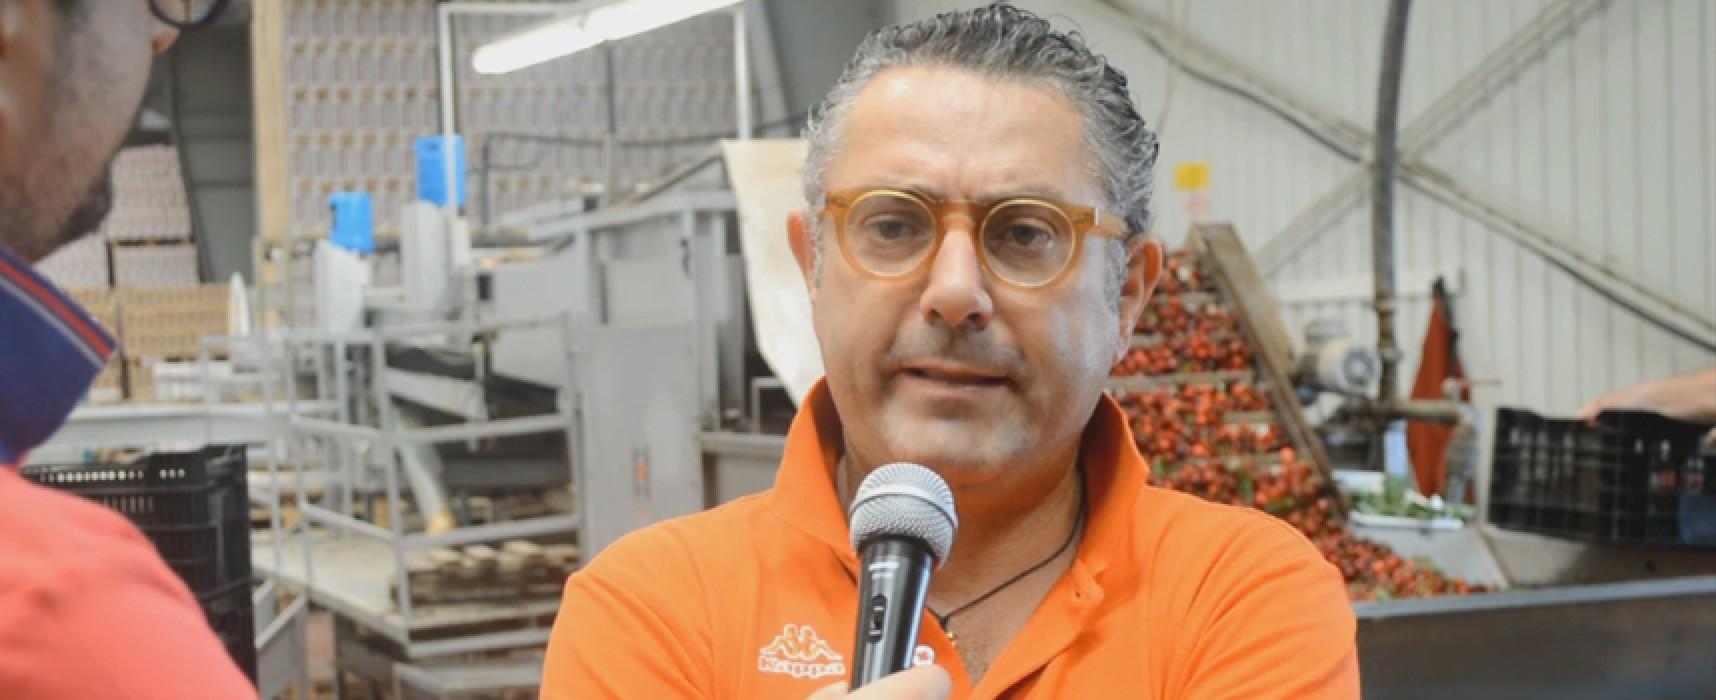 Stagione cerasicola pesantemente negativa, il bilancio di Enzo Di Pierro / VIDEO